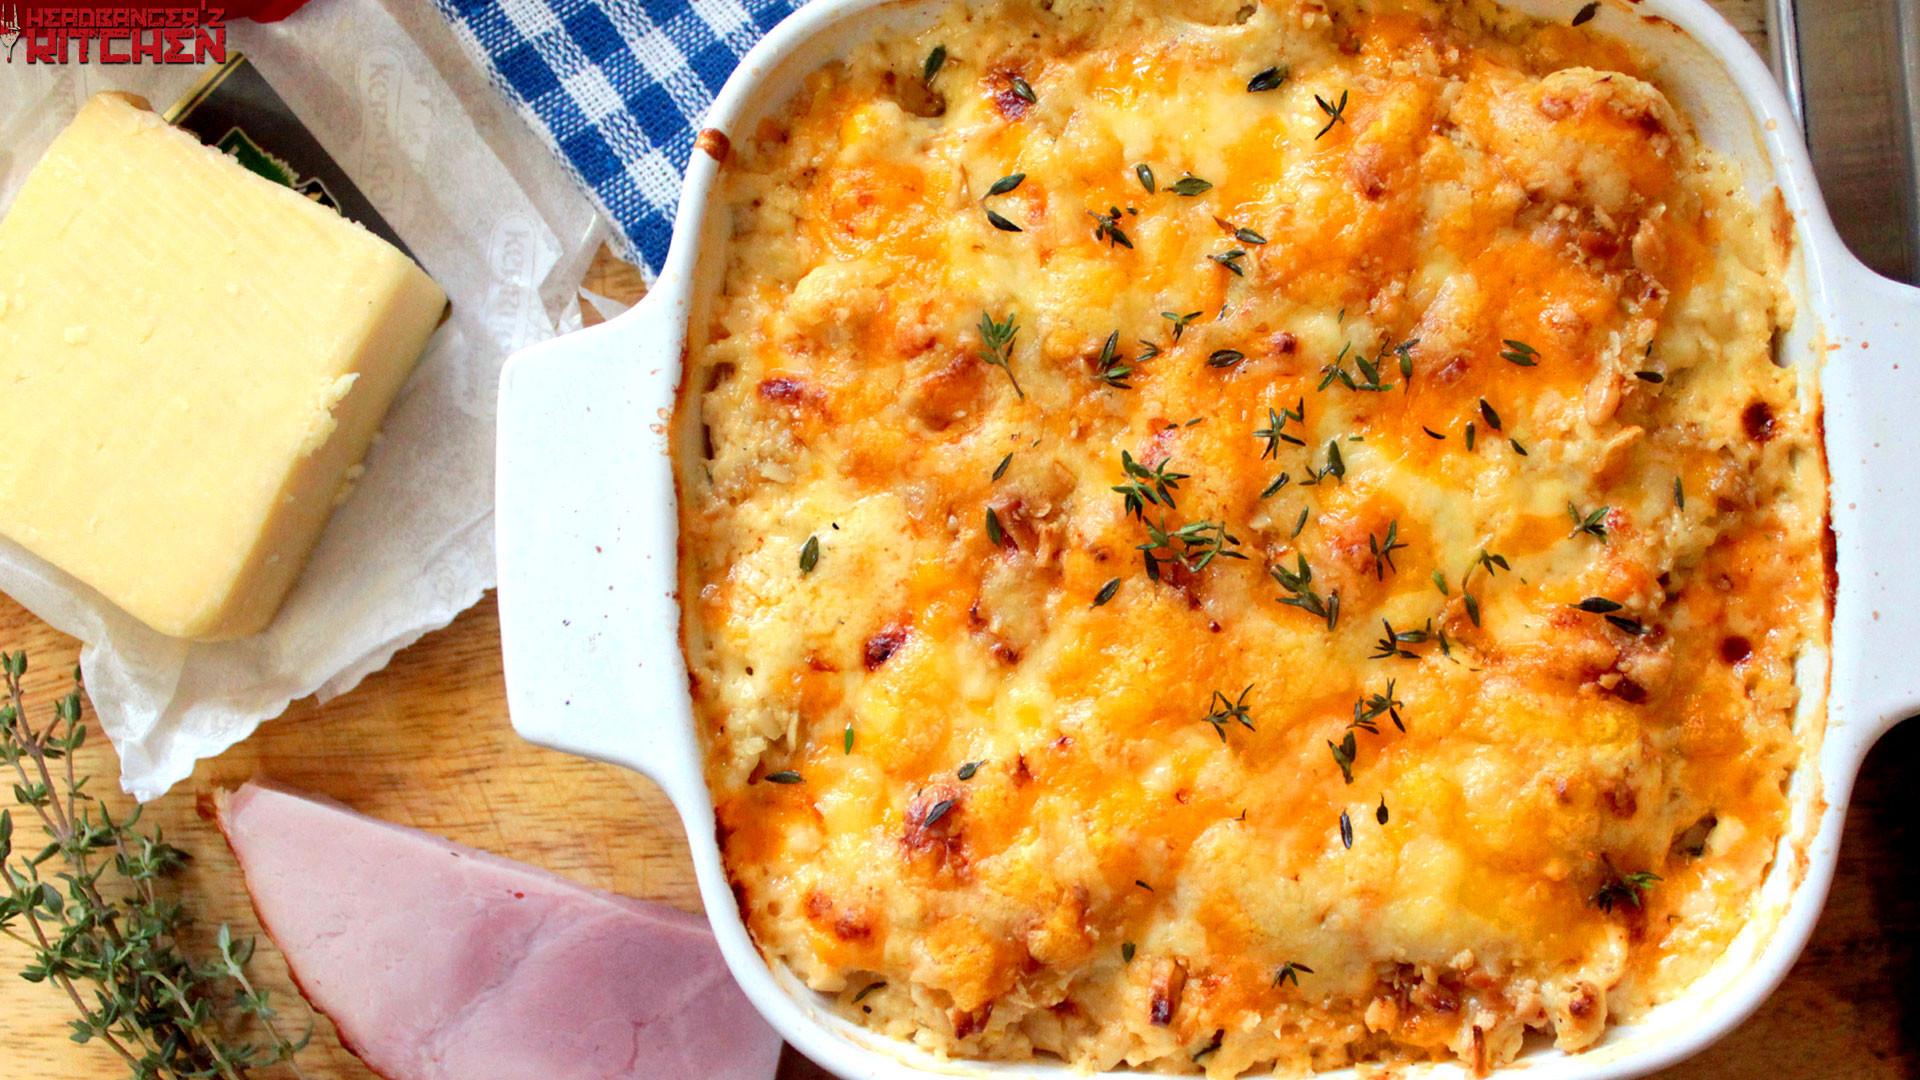 Cheese Cauliflower Keto Keto Cauliflower Mac and Cheese Headbangers Kitchen